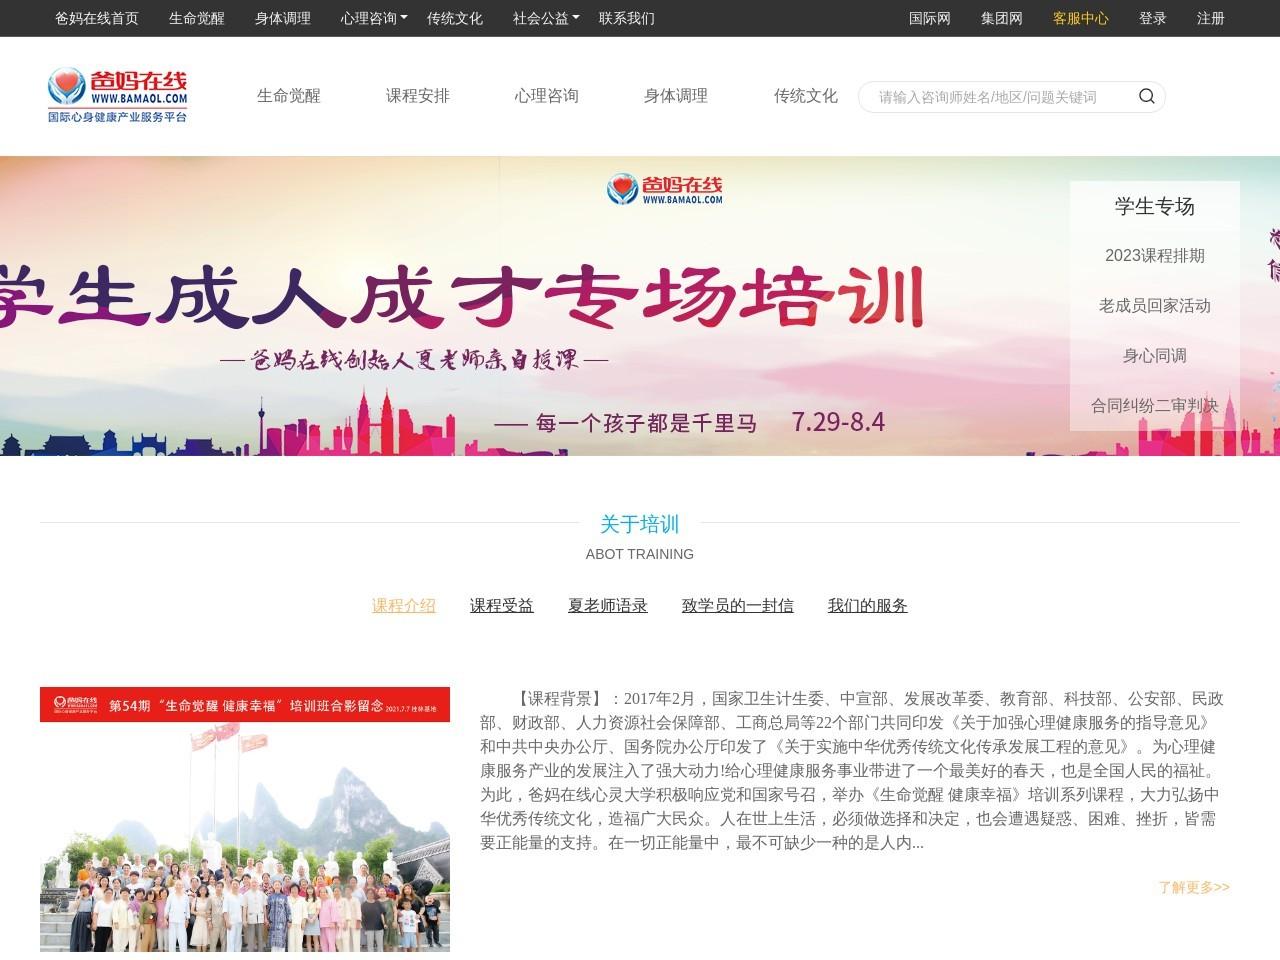 中国国际形象艺术大赛